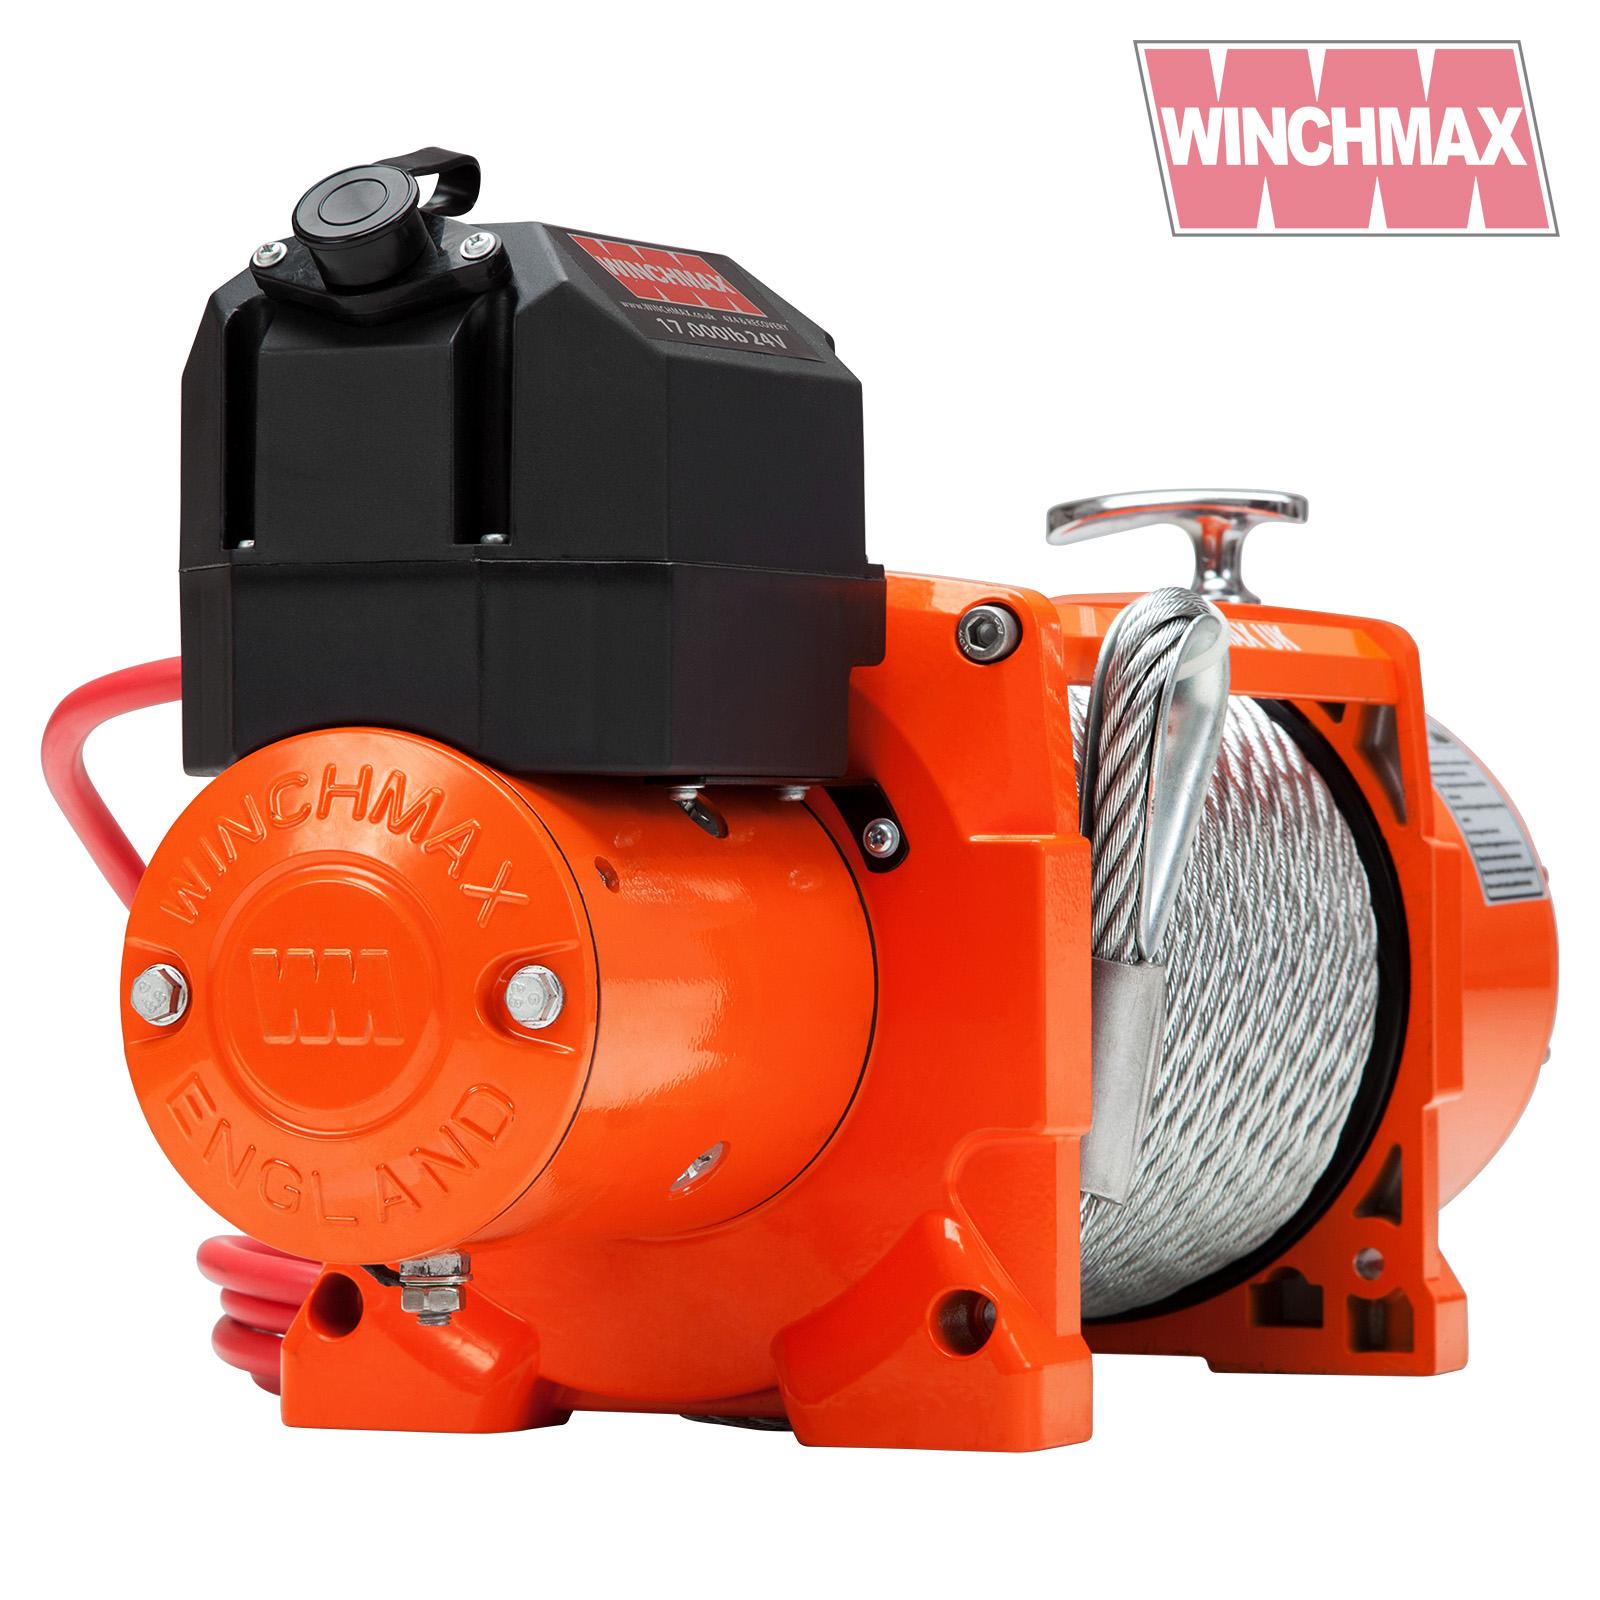 Wm1700024vr winchmax 305